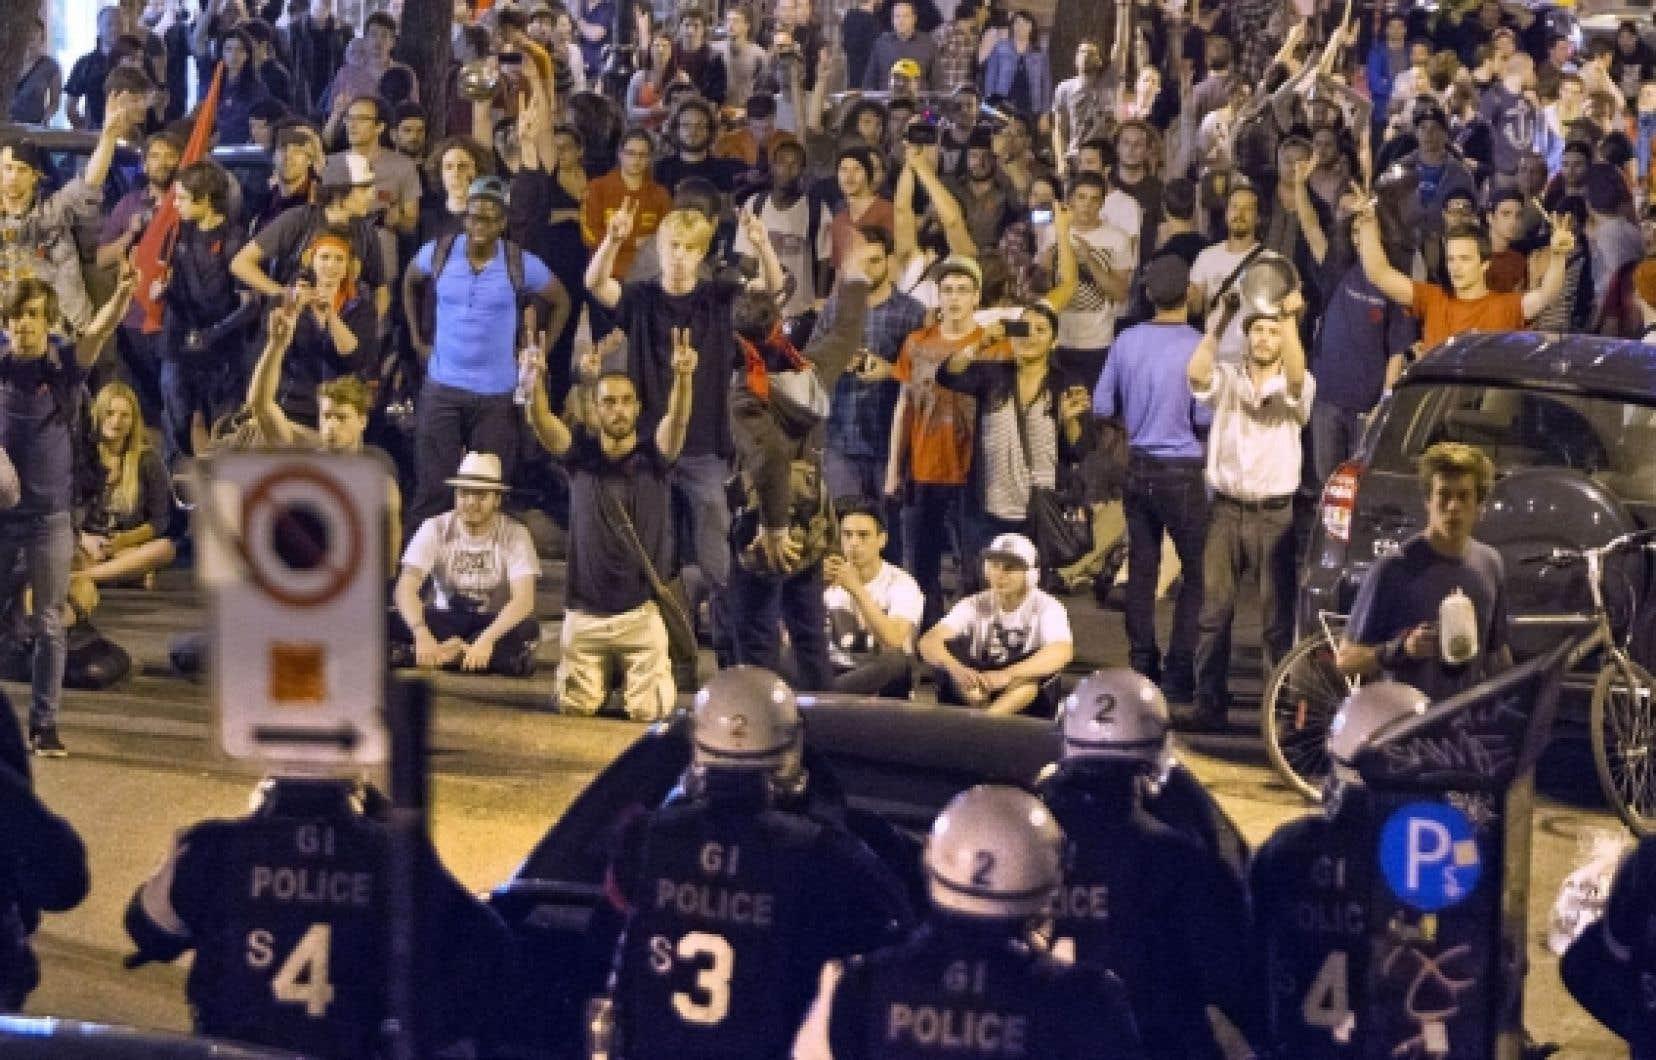 L'Association canadienne des libertés civiles dénonce la loi 78 encadrant la liberté de manifester, de même que le réglement de la Ville de Montréal interdisant le port du masque lors des manifestations.